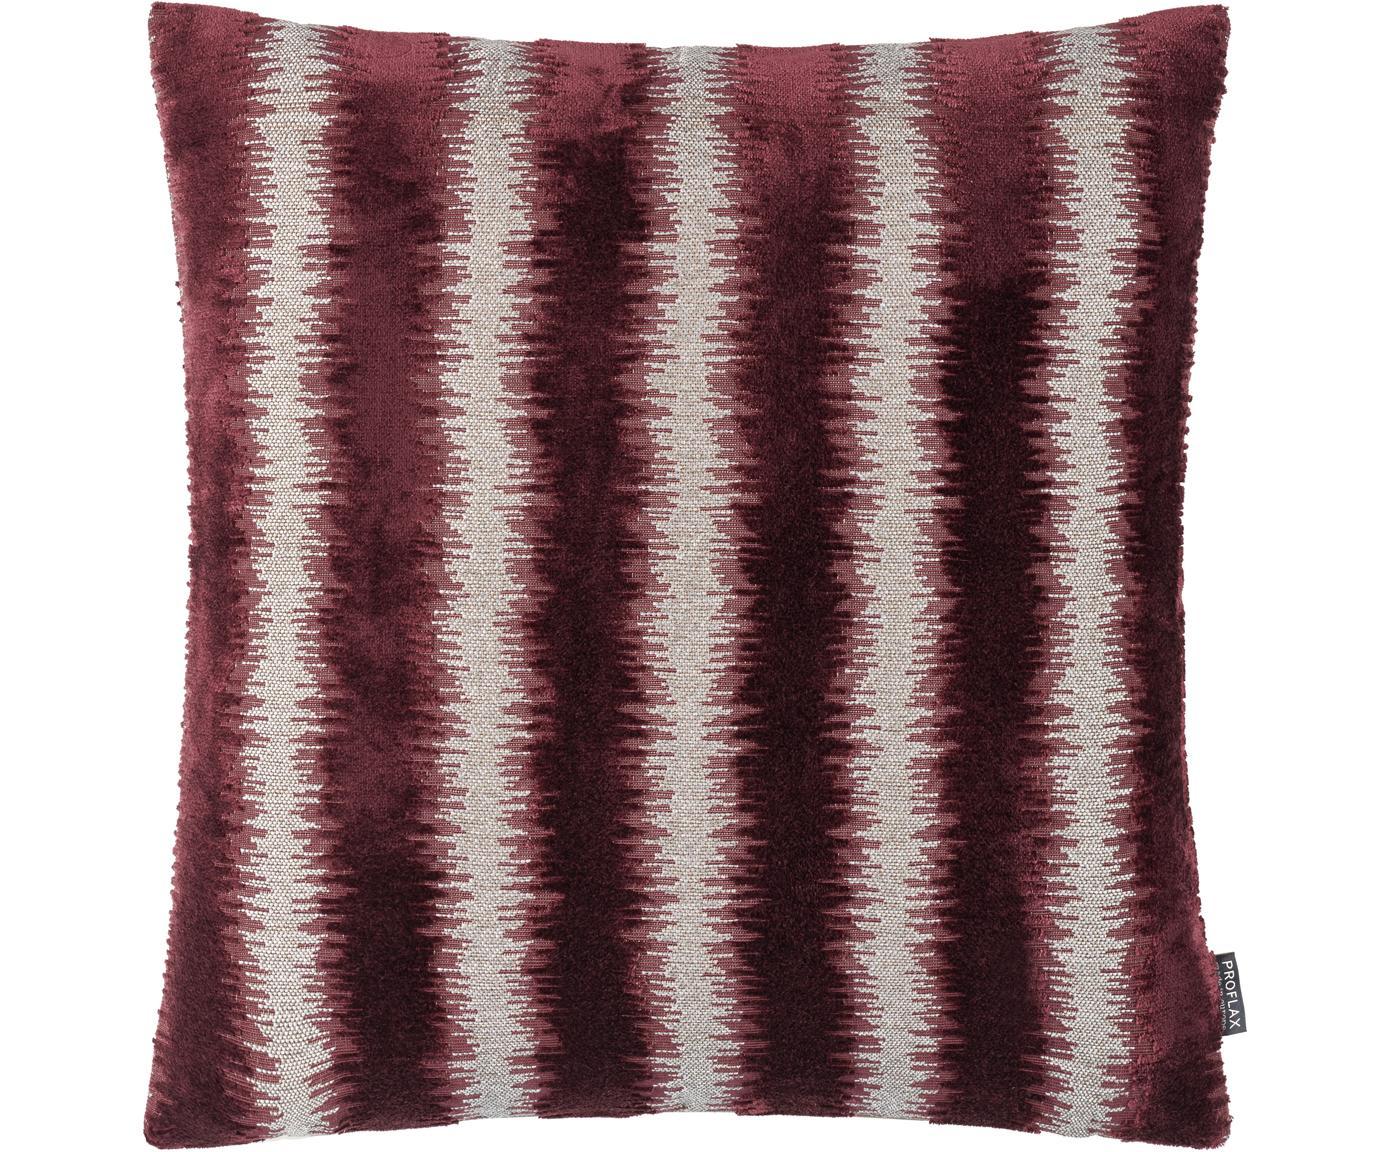 Poszewka na poduszkę Andres, 53% wiskoza, 41% poliester, 7% bawełna, Ciemny czerwony, beżowy, S 40 x D 40 cm